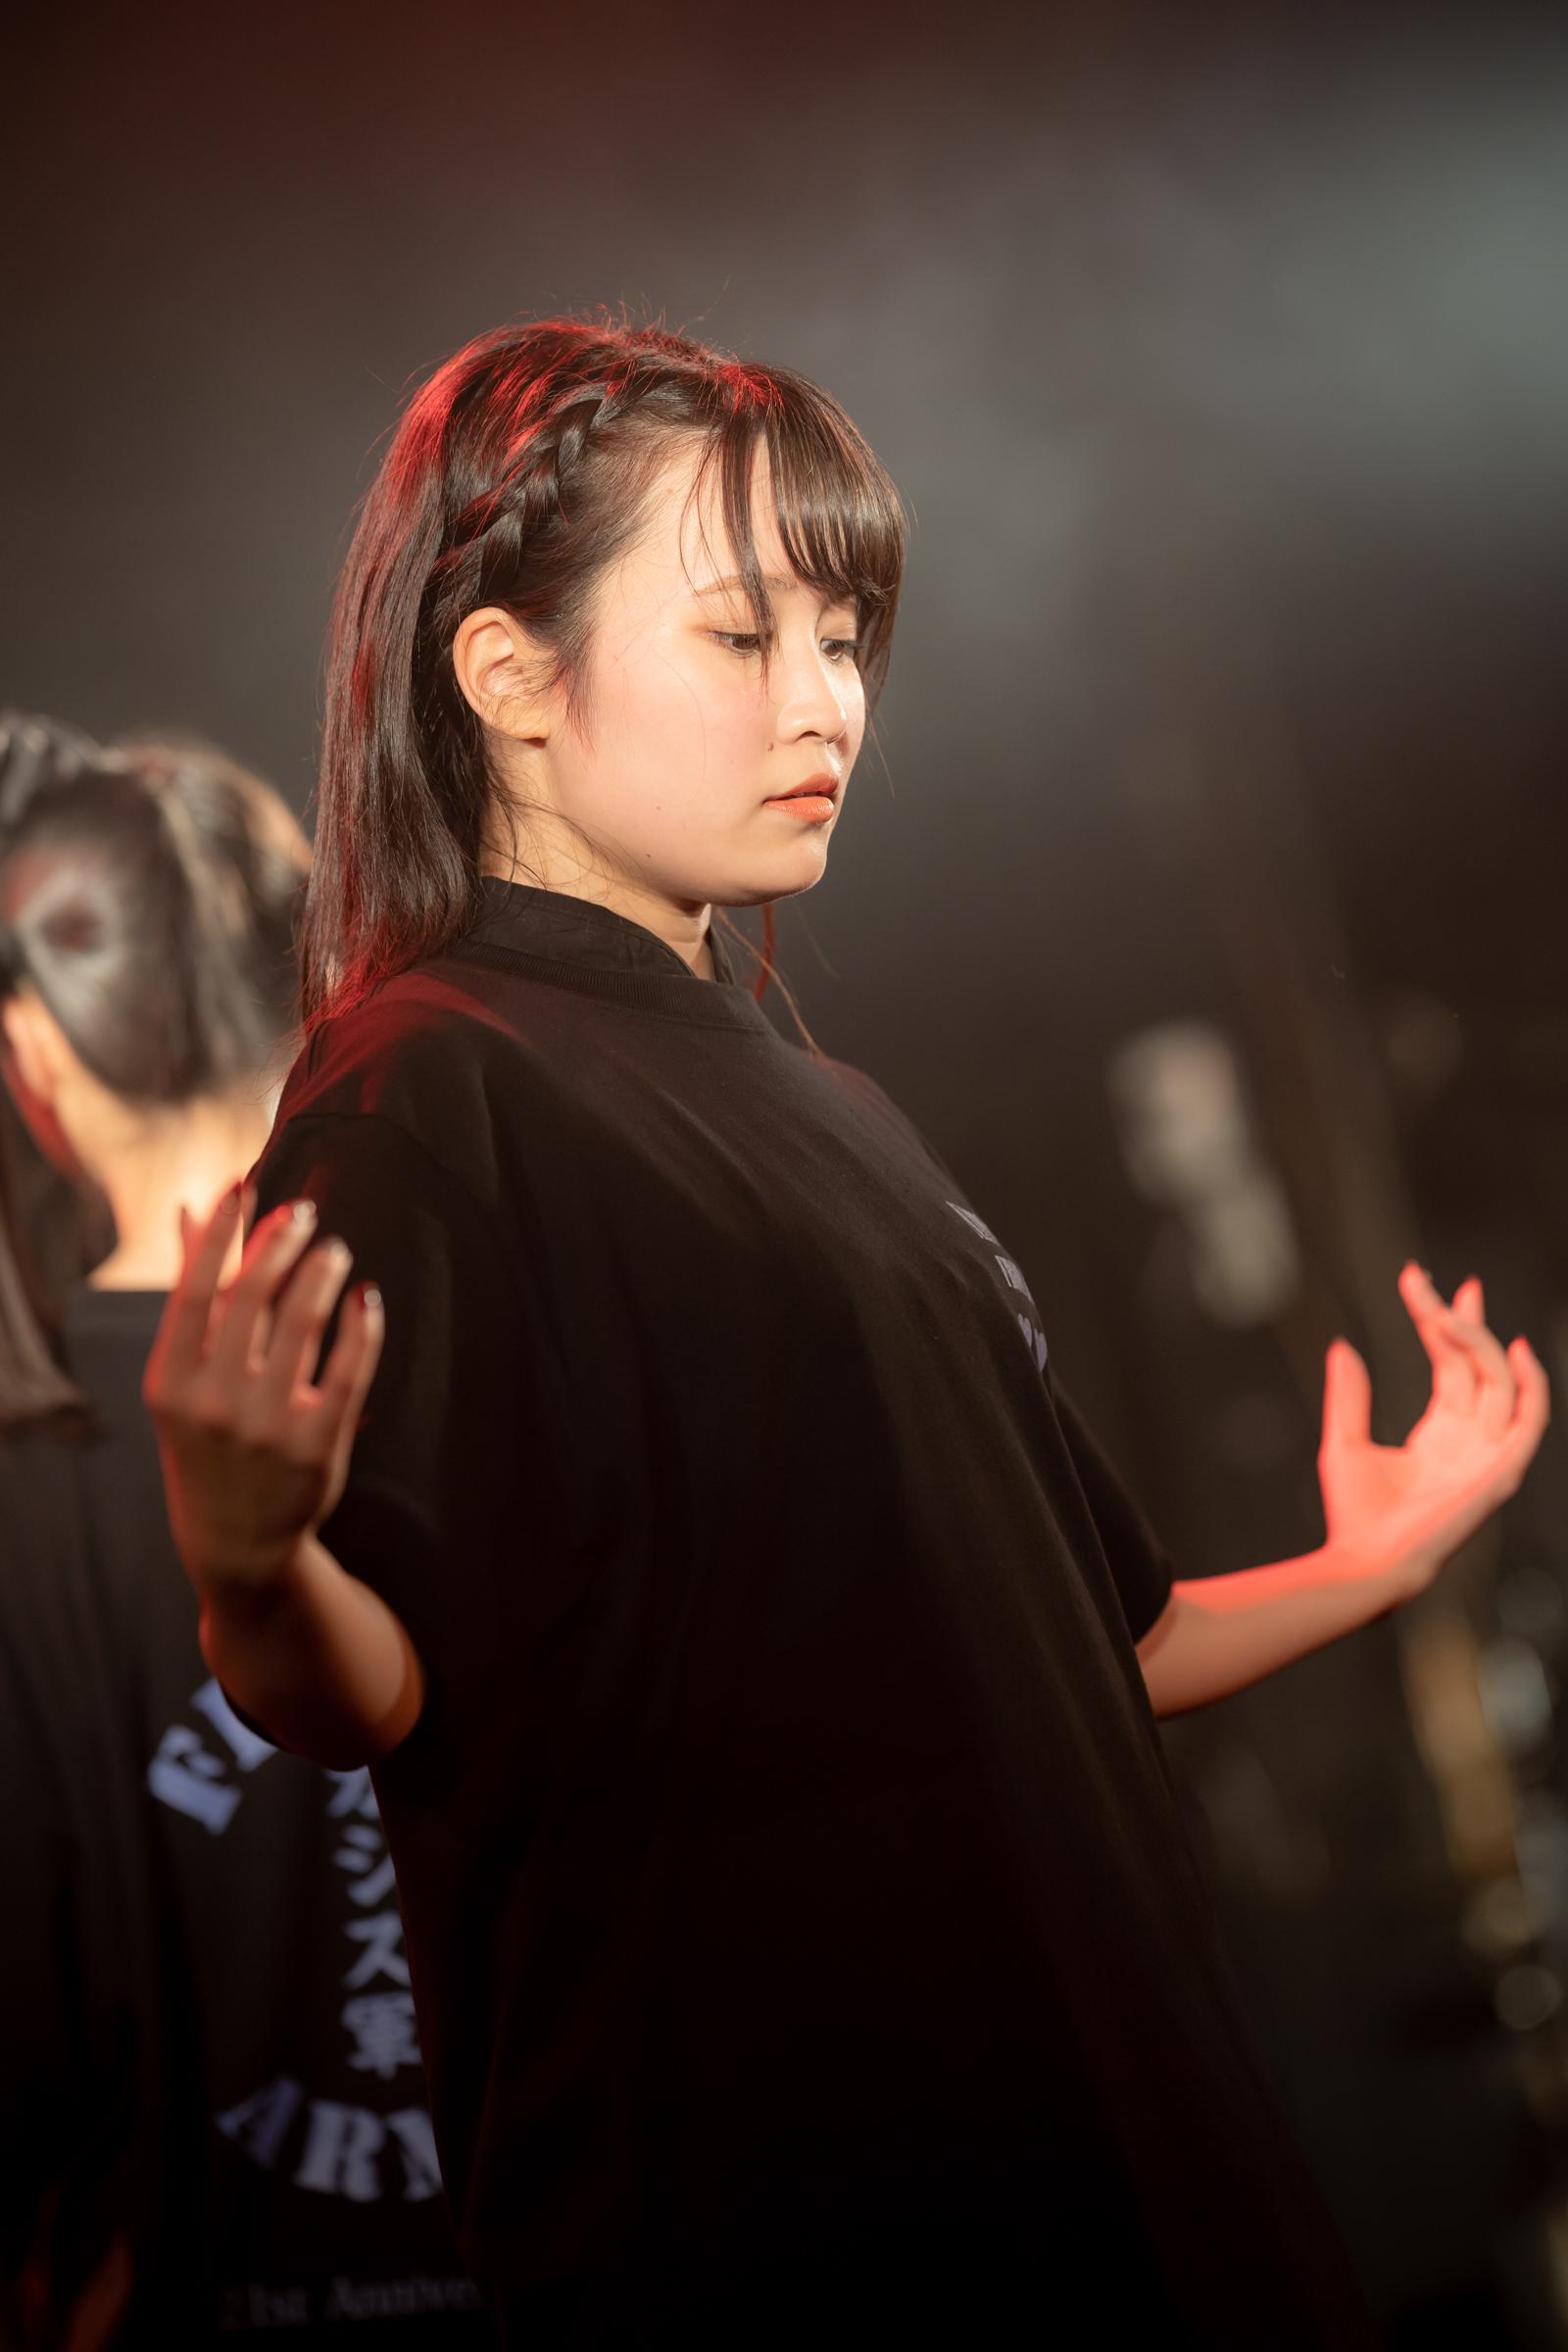 フルーティー♡ みさと ( 須藤美里 ) | フルーティー定期公演フルーツバスケット~おまる生誕~